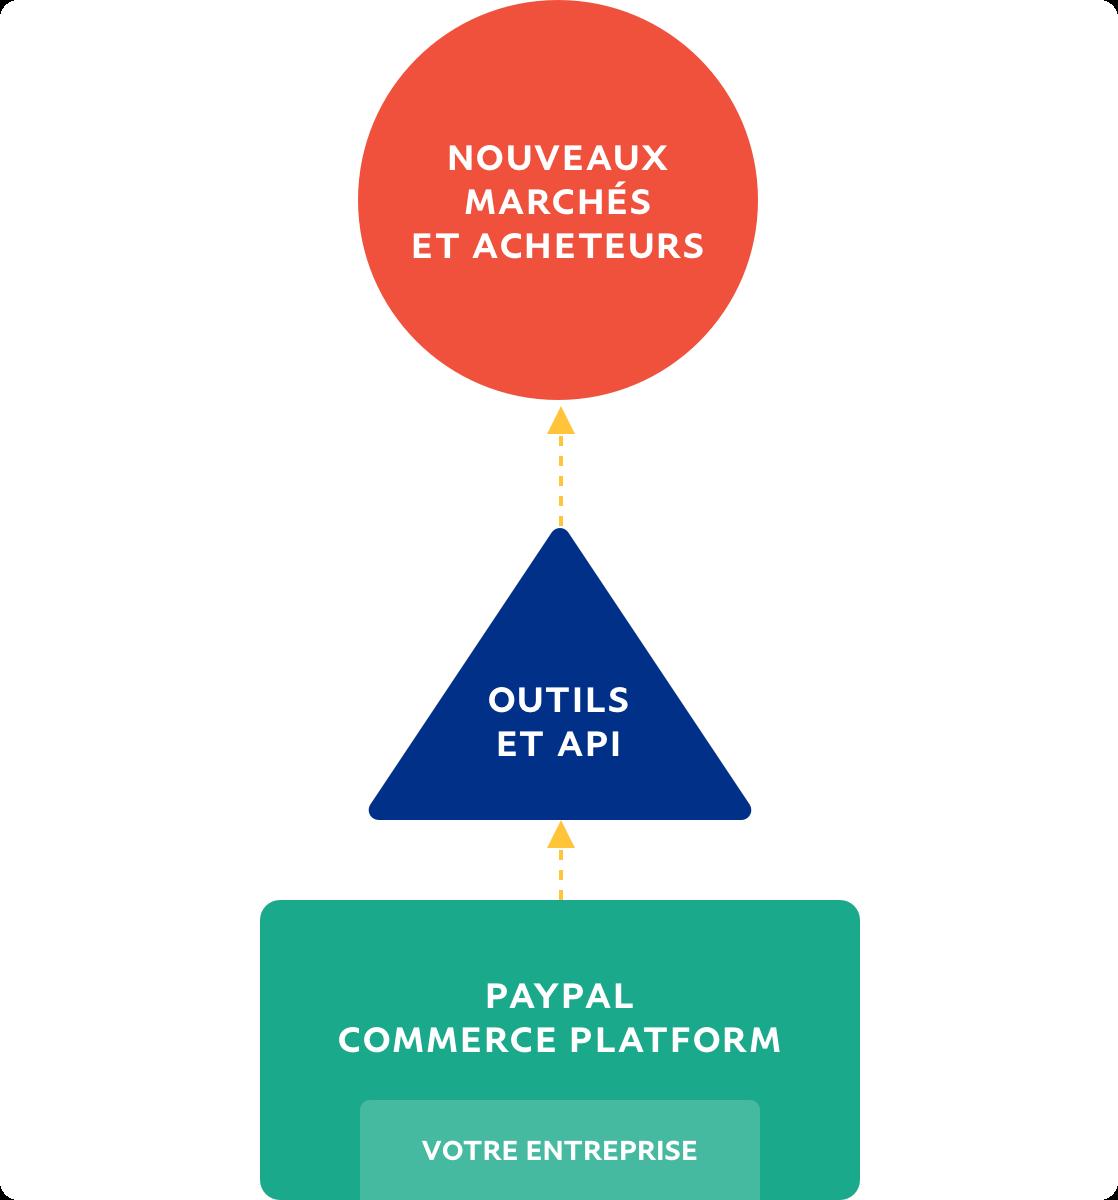 Organigramme représentant le flux d'une entreprise en direction de nouveaux marchés et acheteurs.